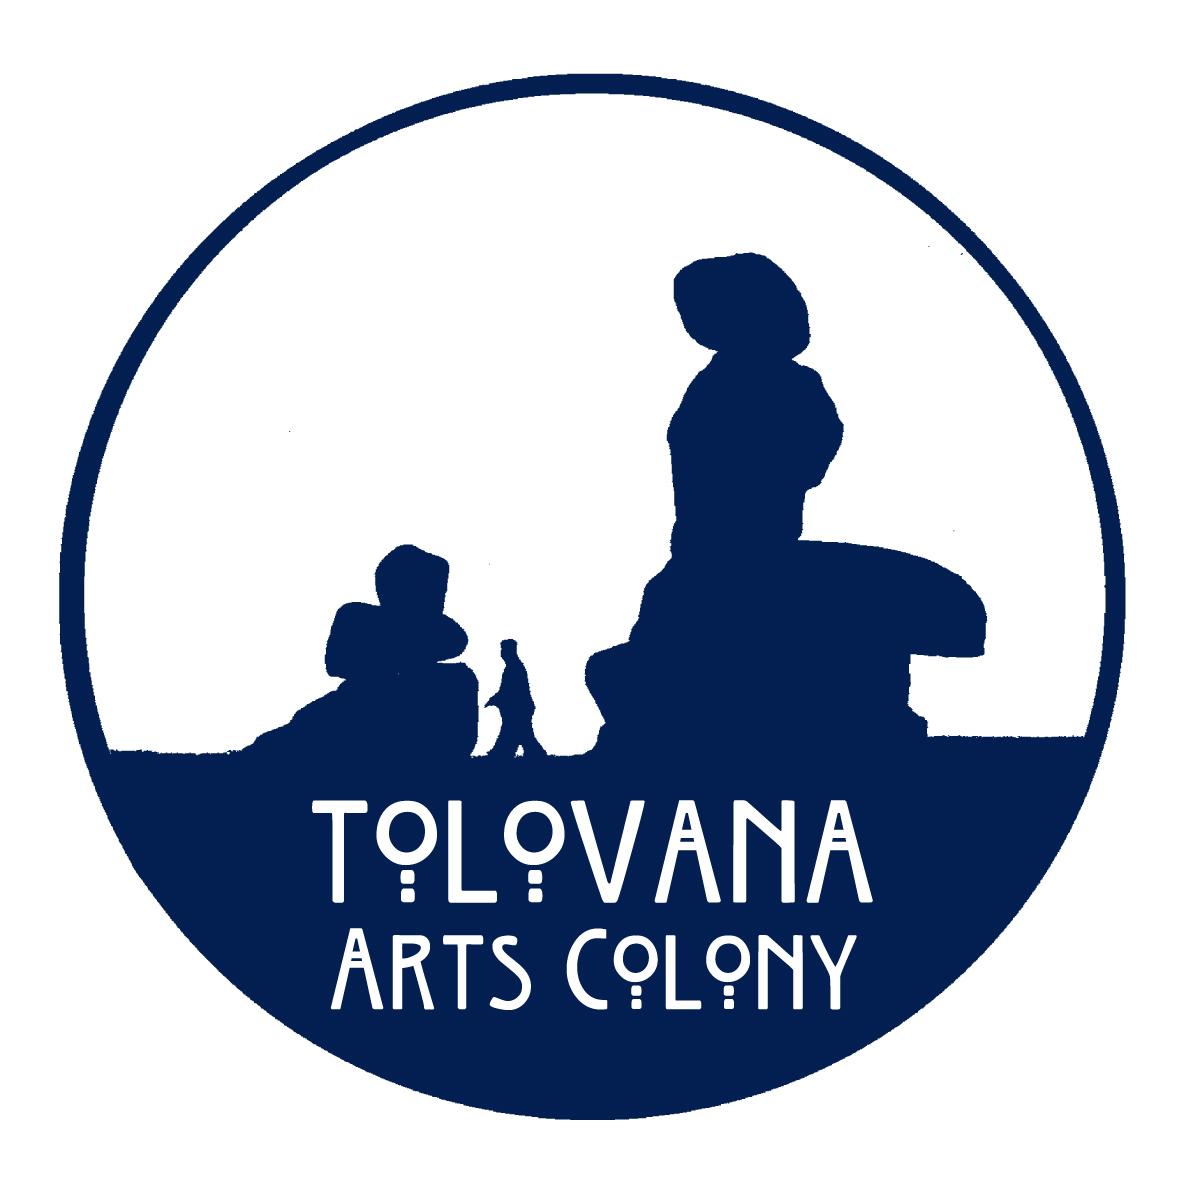 logo - VIDEO SLUG.jpg